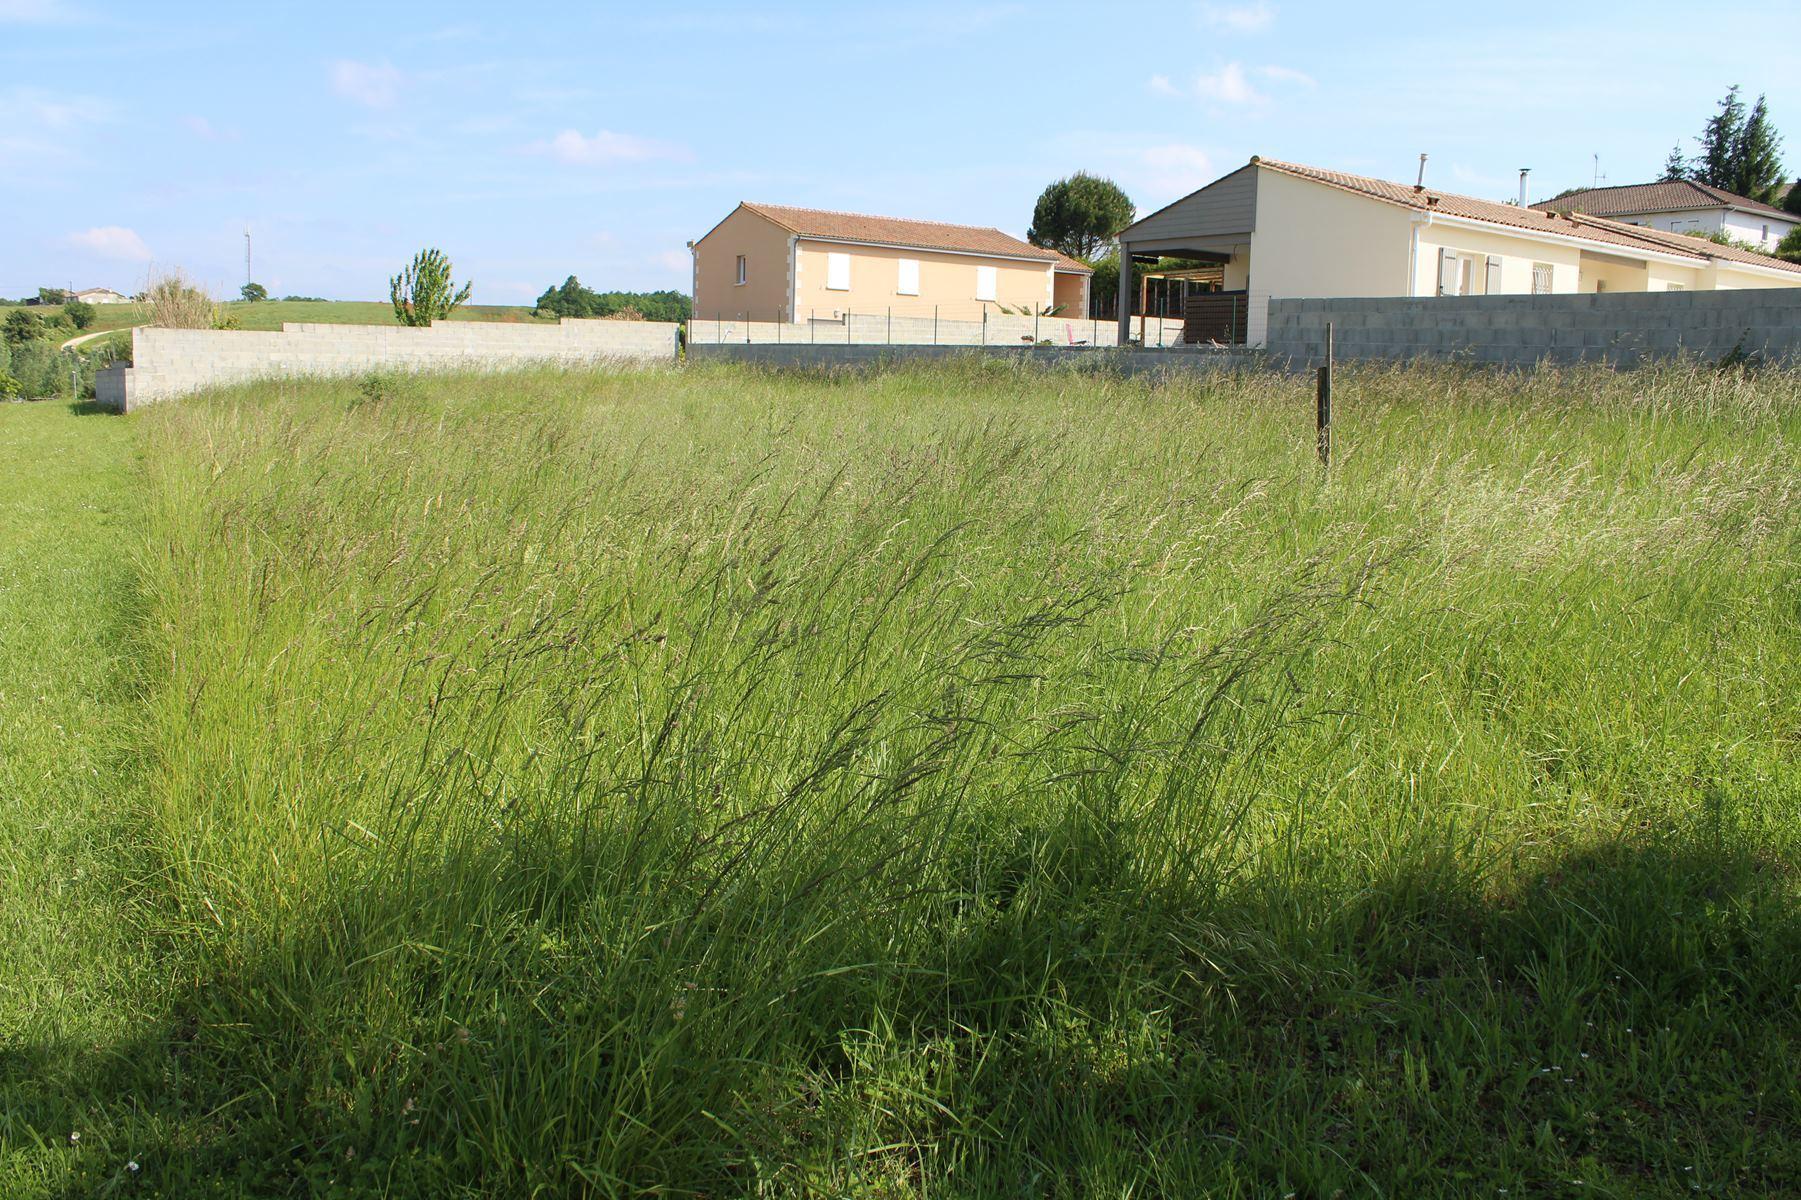 vente terrain Chateauneuf sur Charente Chateauneuf sur Charente 16120